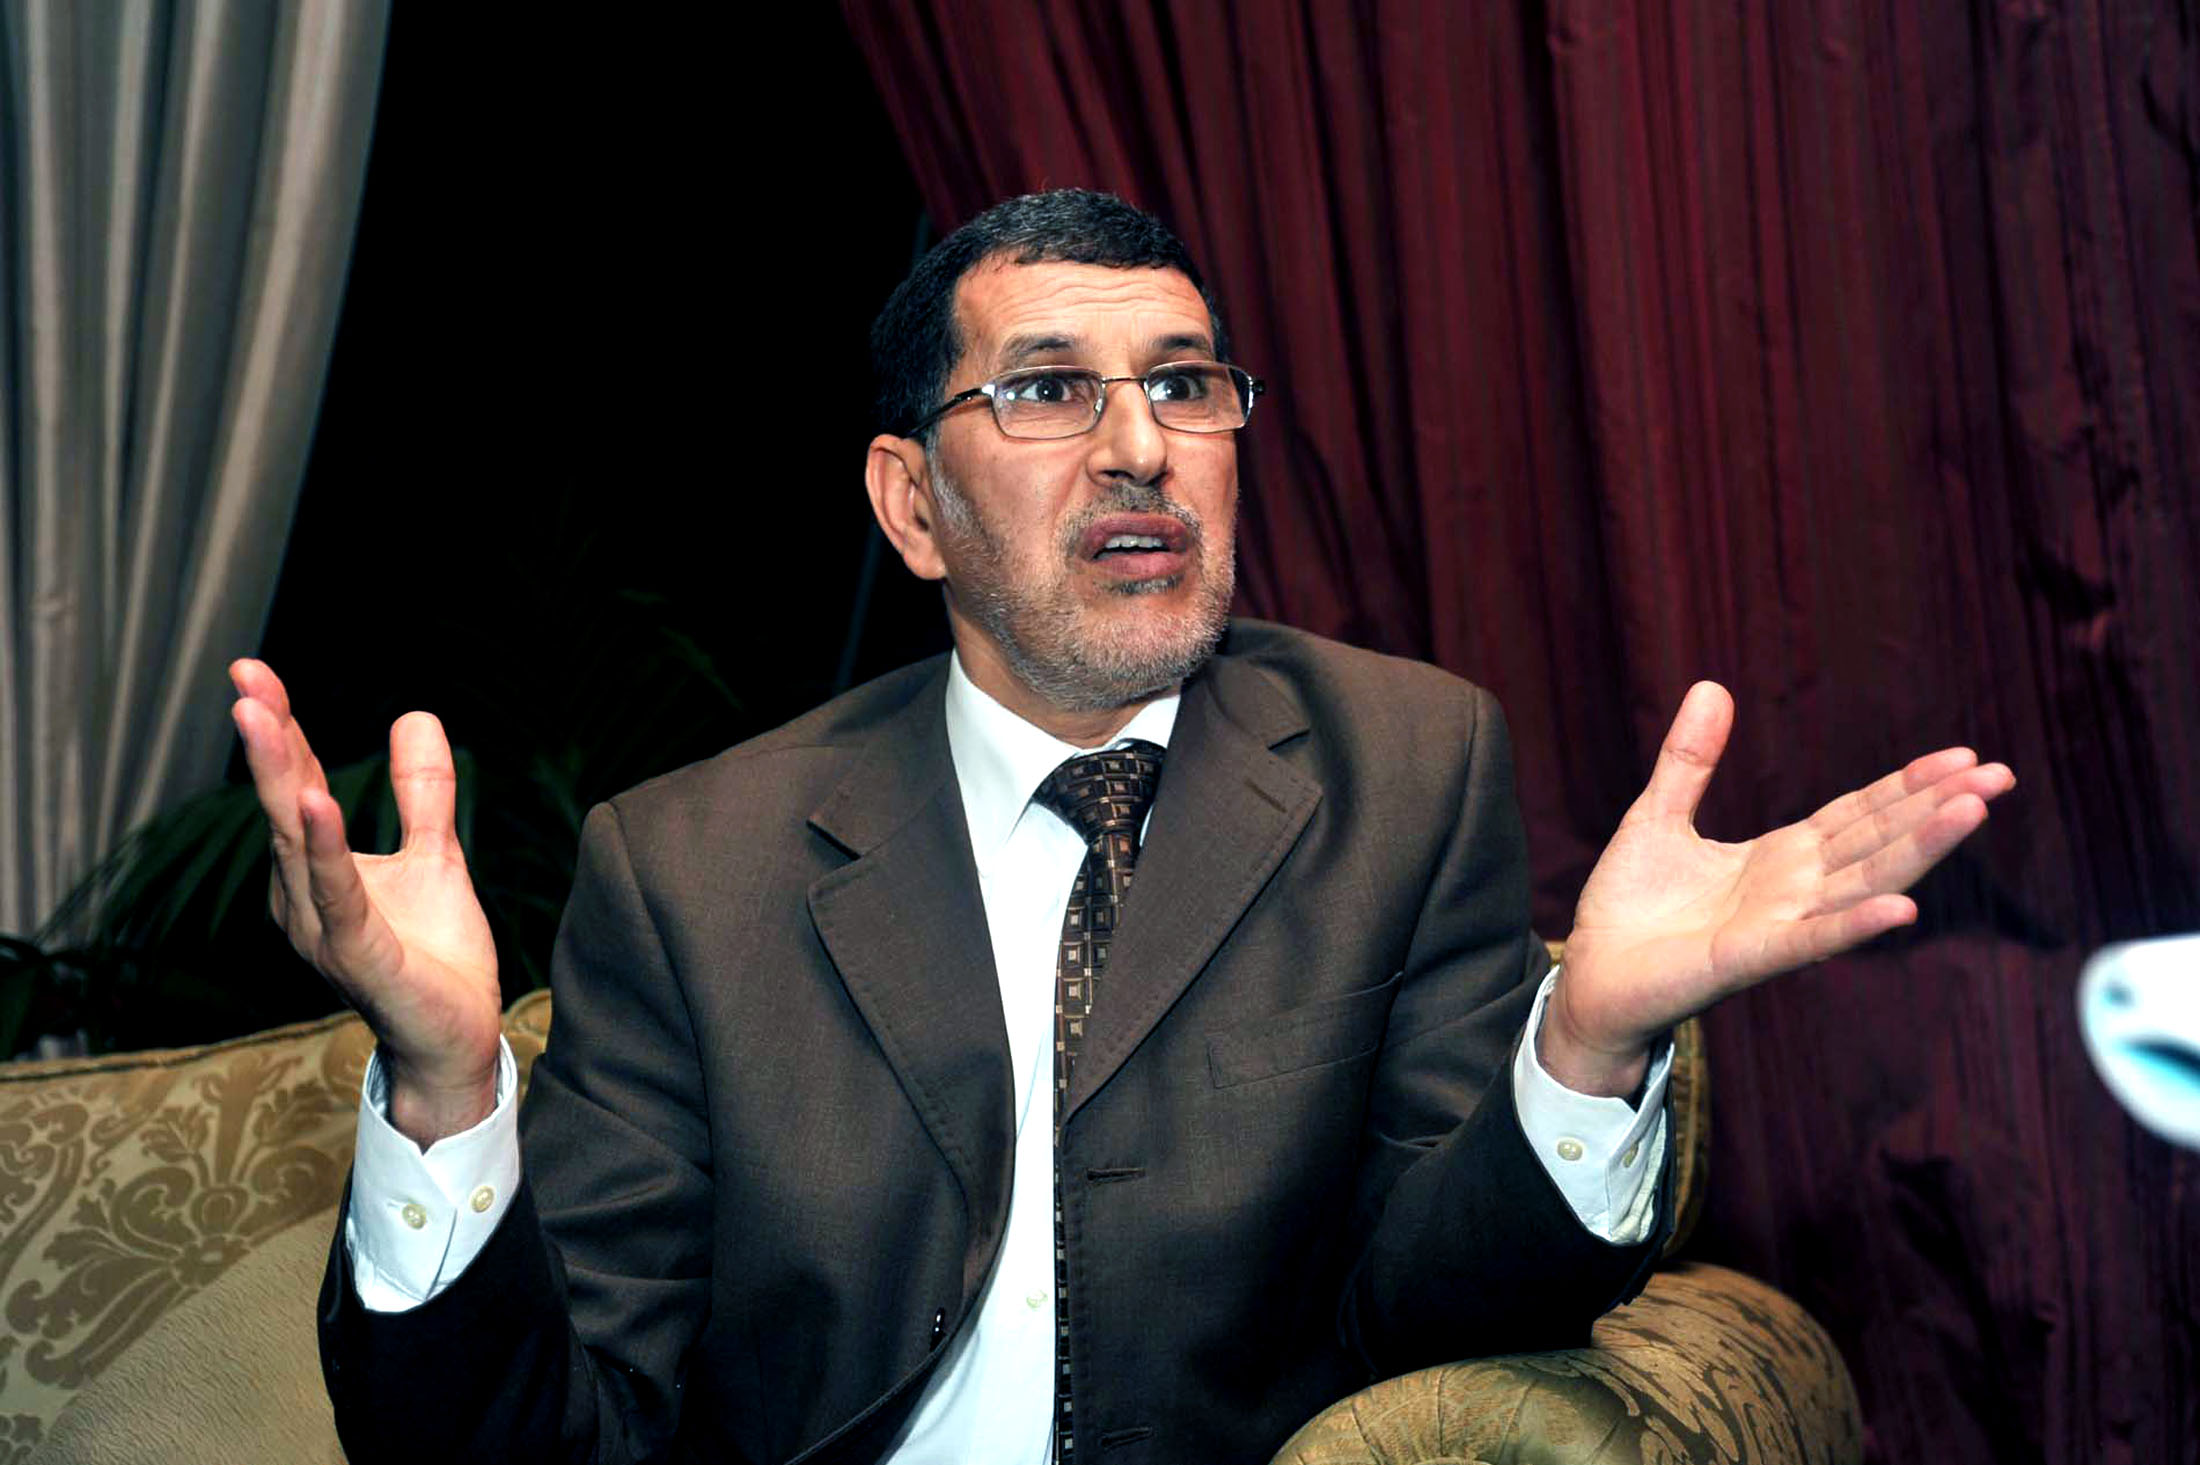 التعديل الحكومي: هل يسقط العثماني في فخ المحاباة والمحاصصة..؟